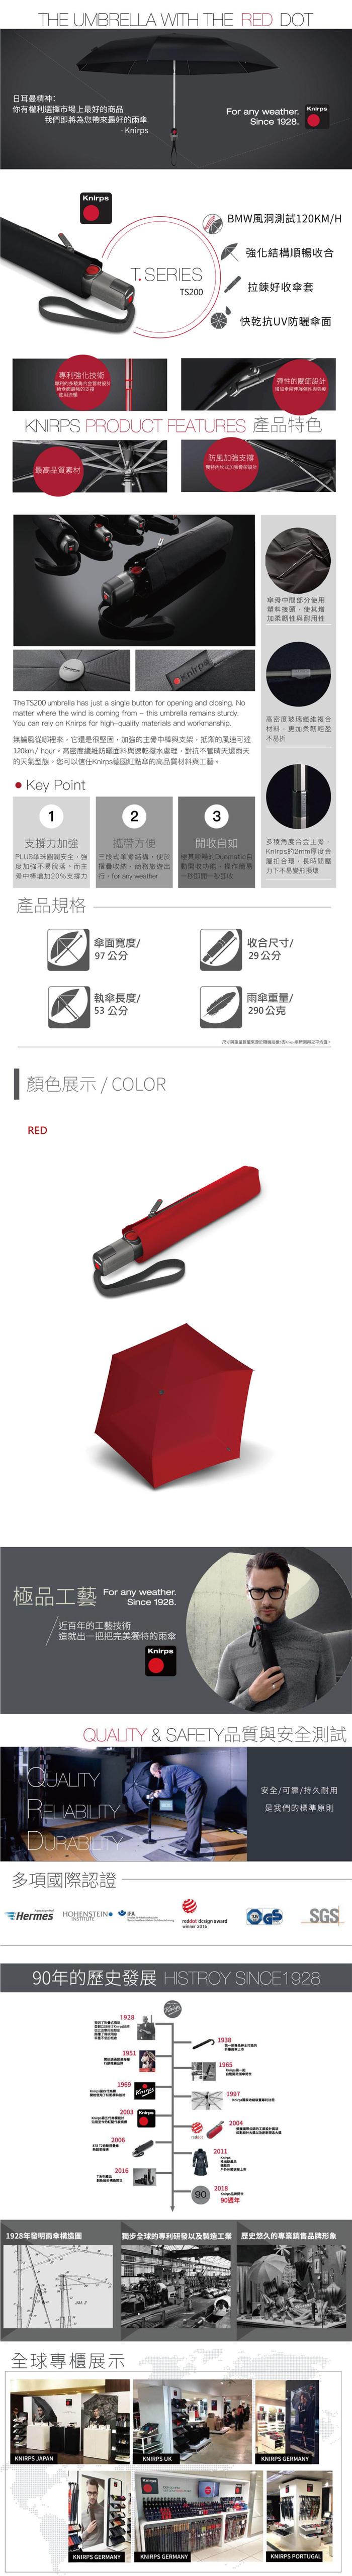 (複製)Knirps®德國紅點傘|TS.200 輕薄抗曬自動開收傘-Pink